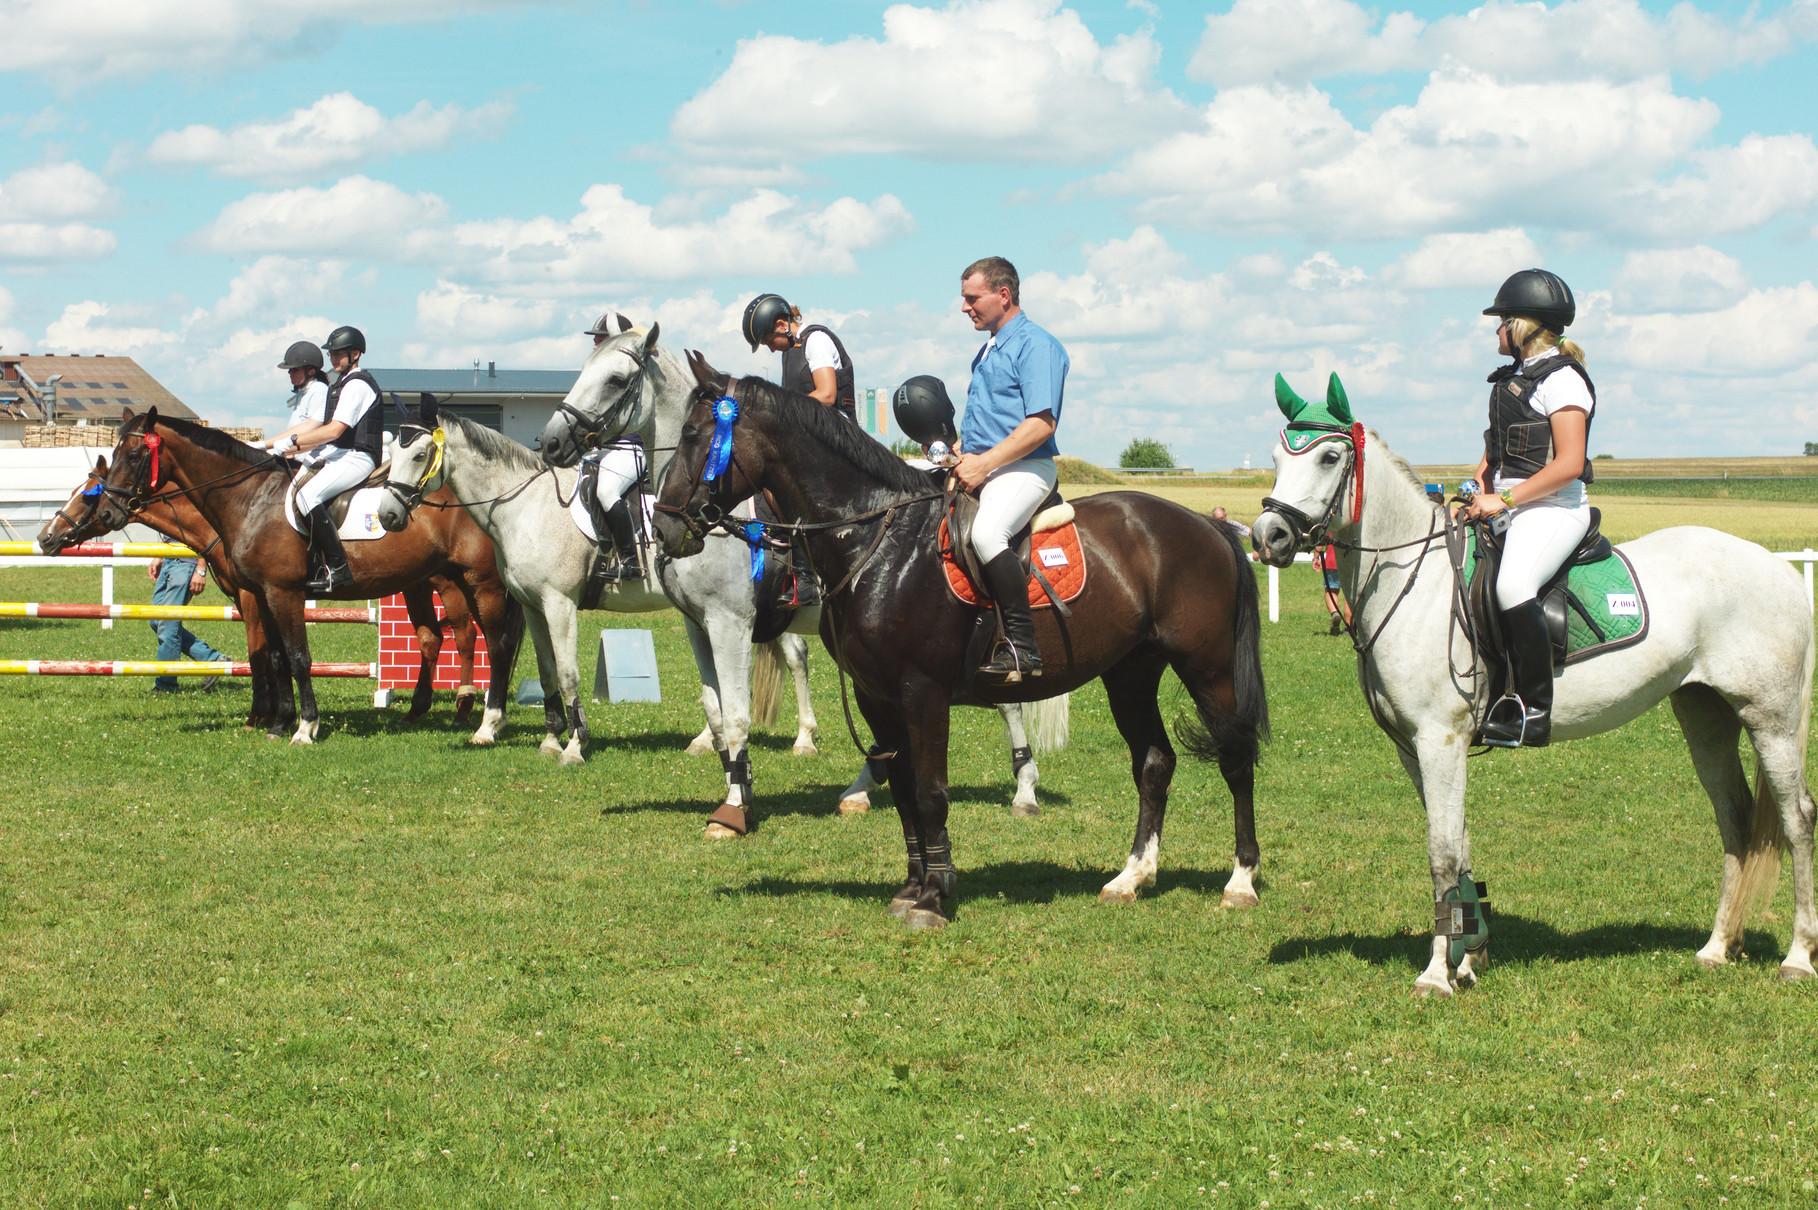 Zufriedene Pferde und Reiter